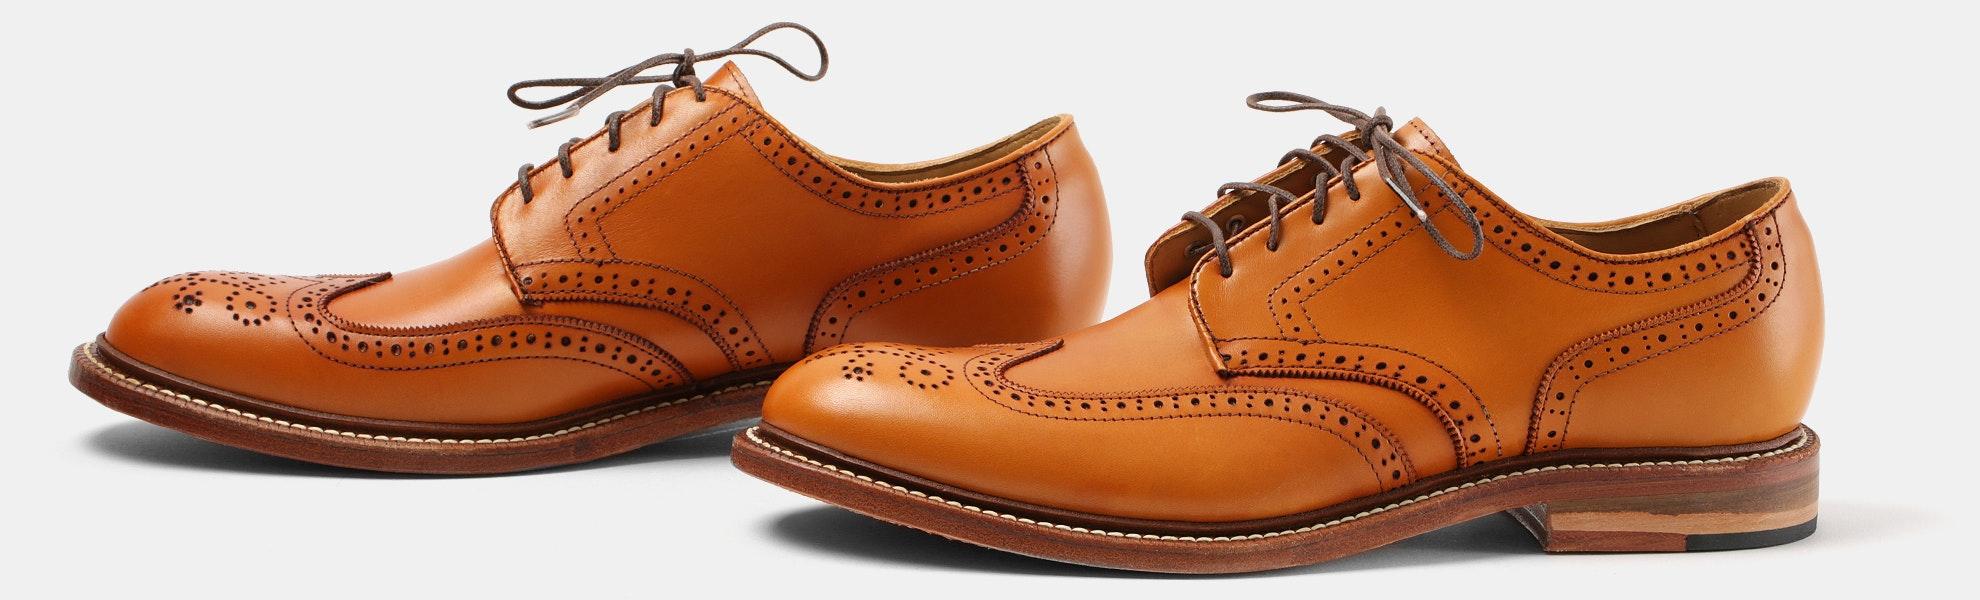 Oak Street Bootmakers Wingtip – Massdrop Exclusive